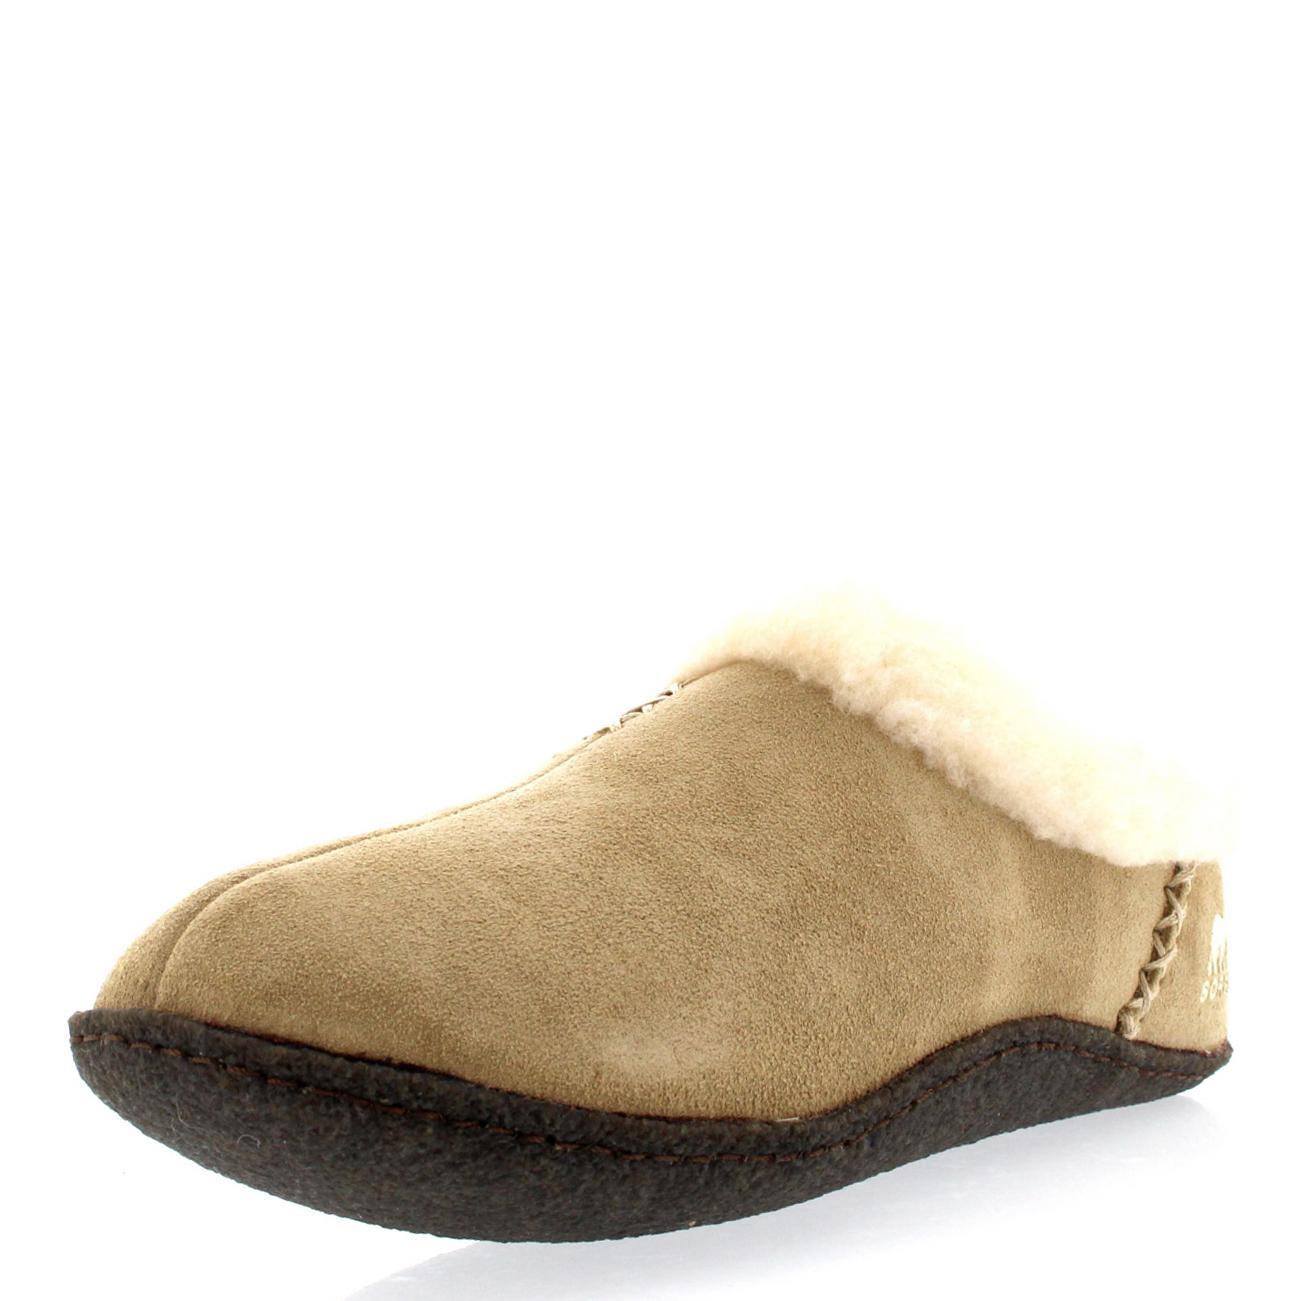 Buy Sorel House Shoes